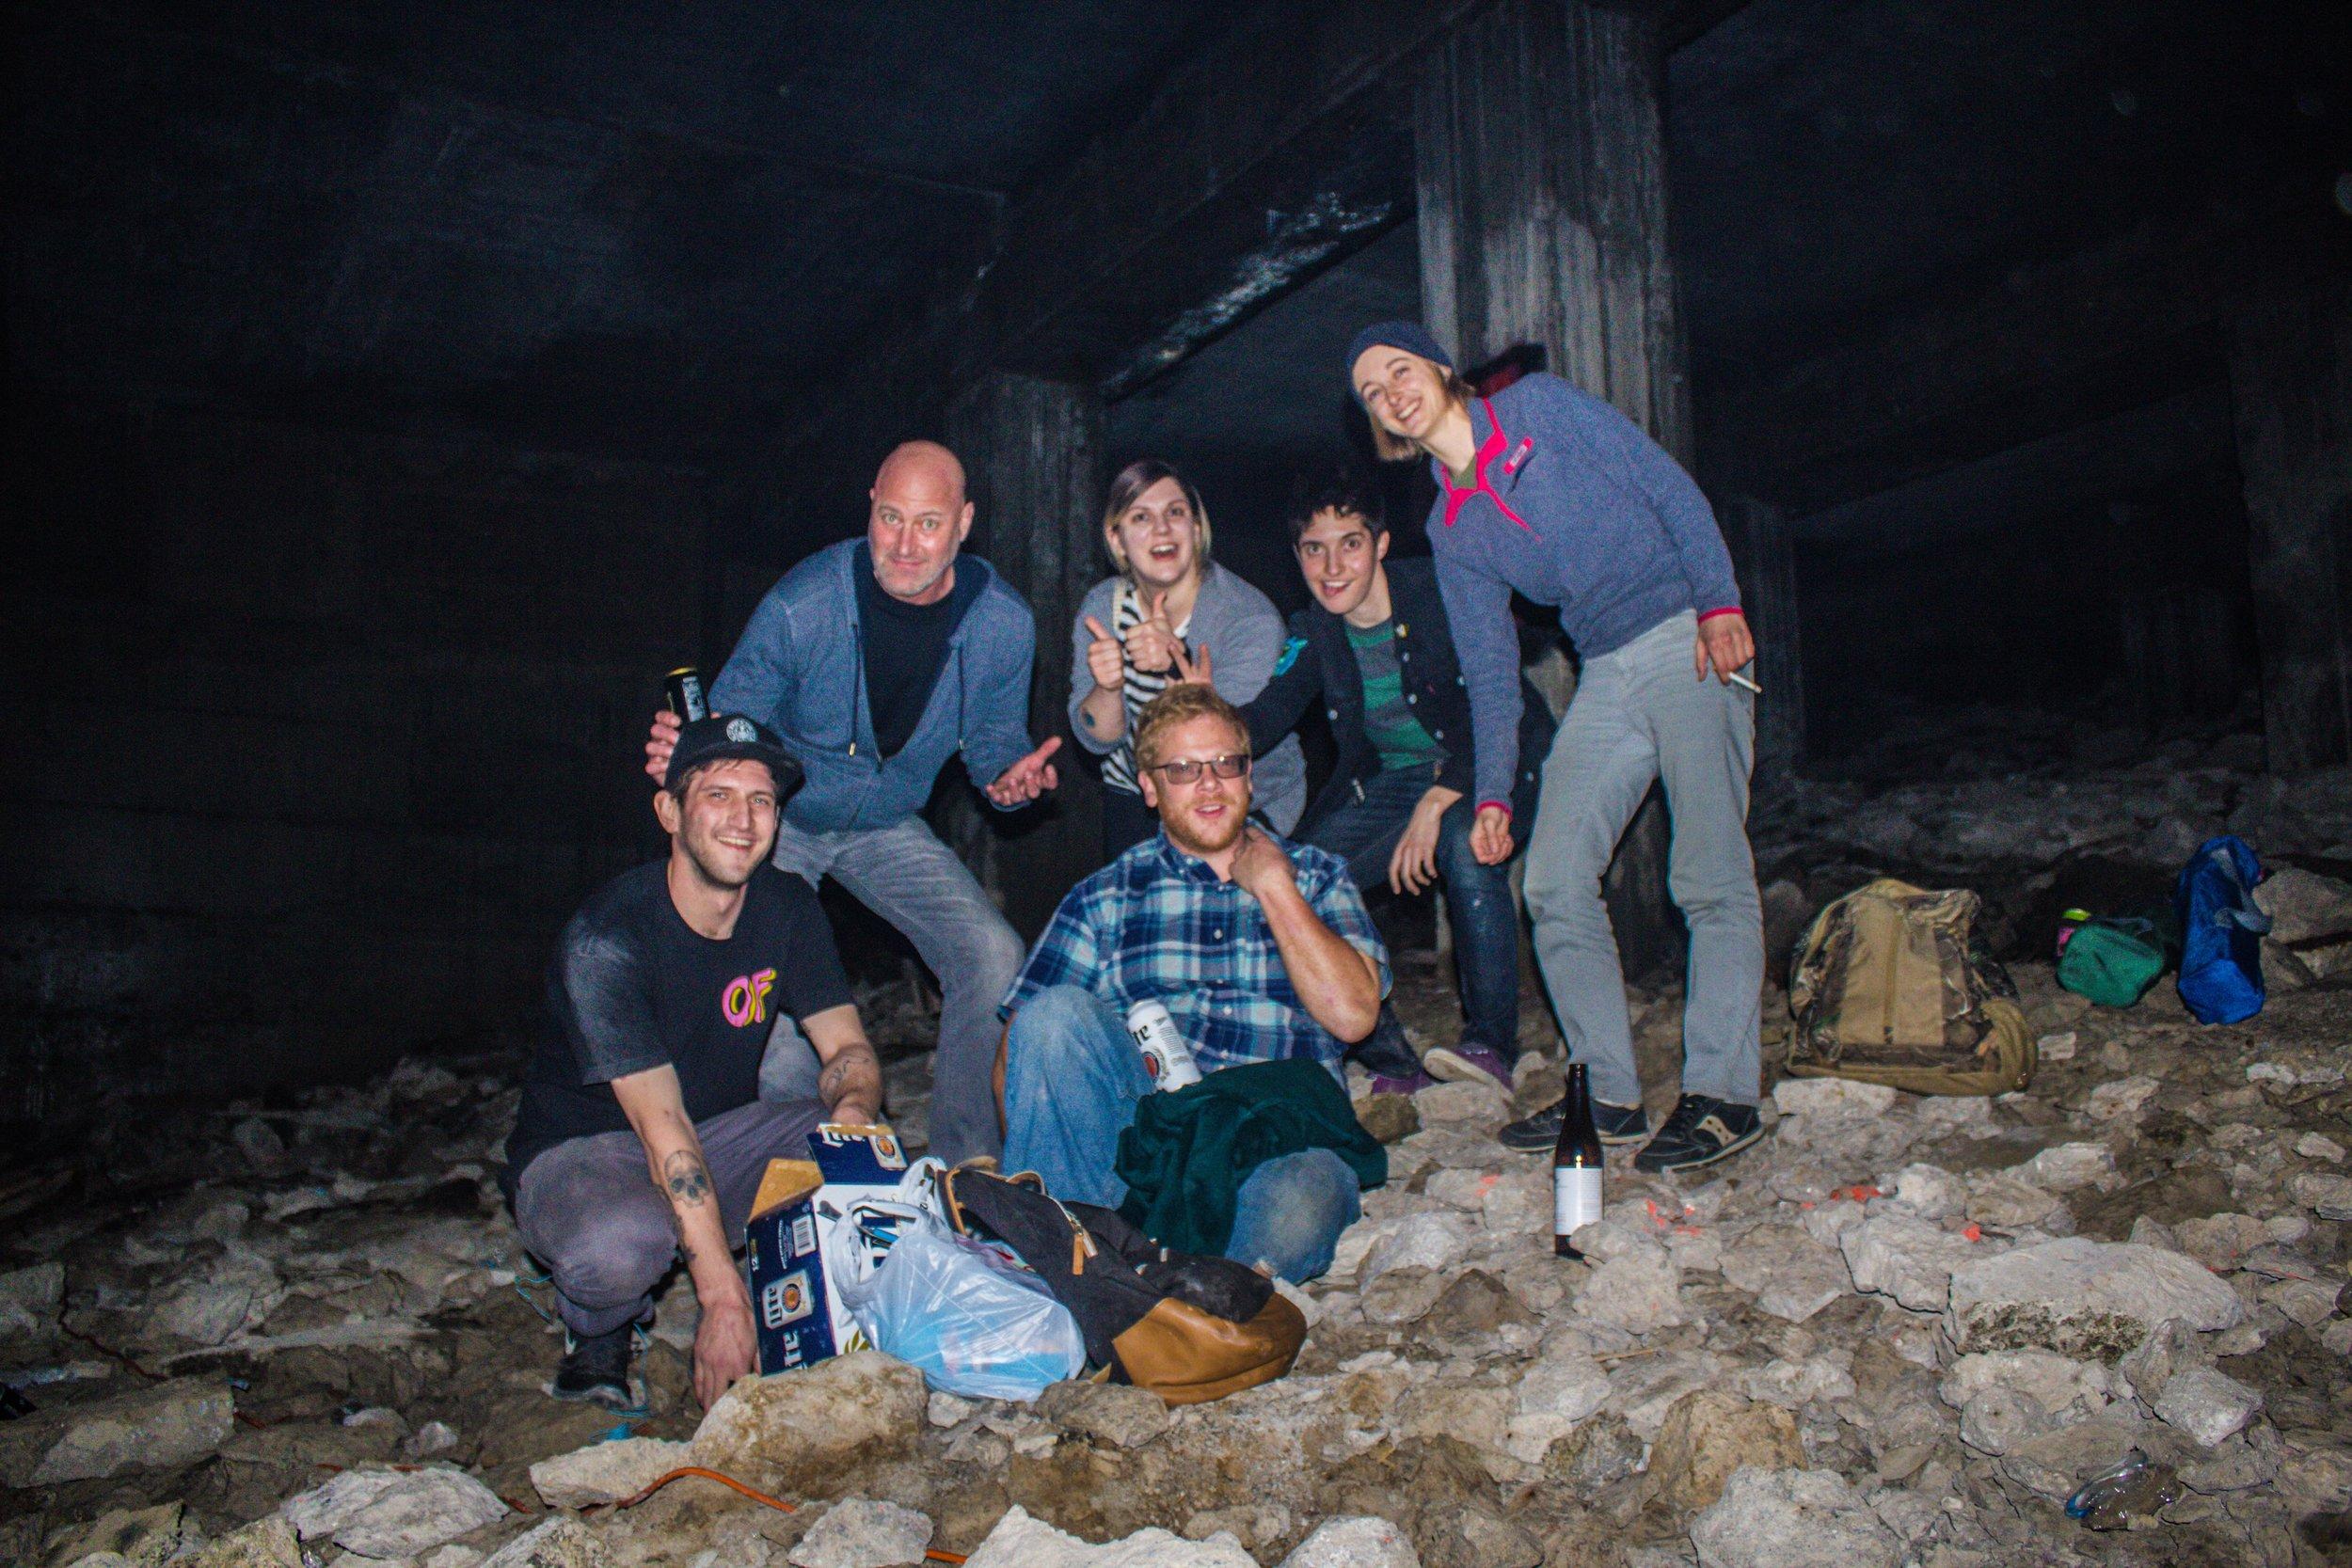 Wastedland 2 Event Photos-39.jpeg